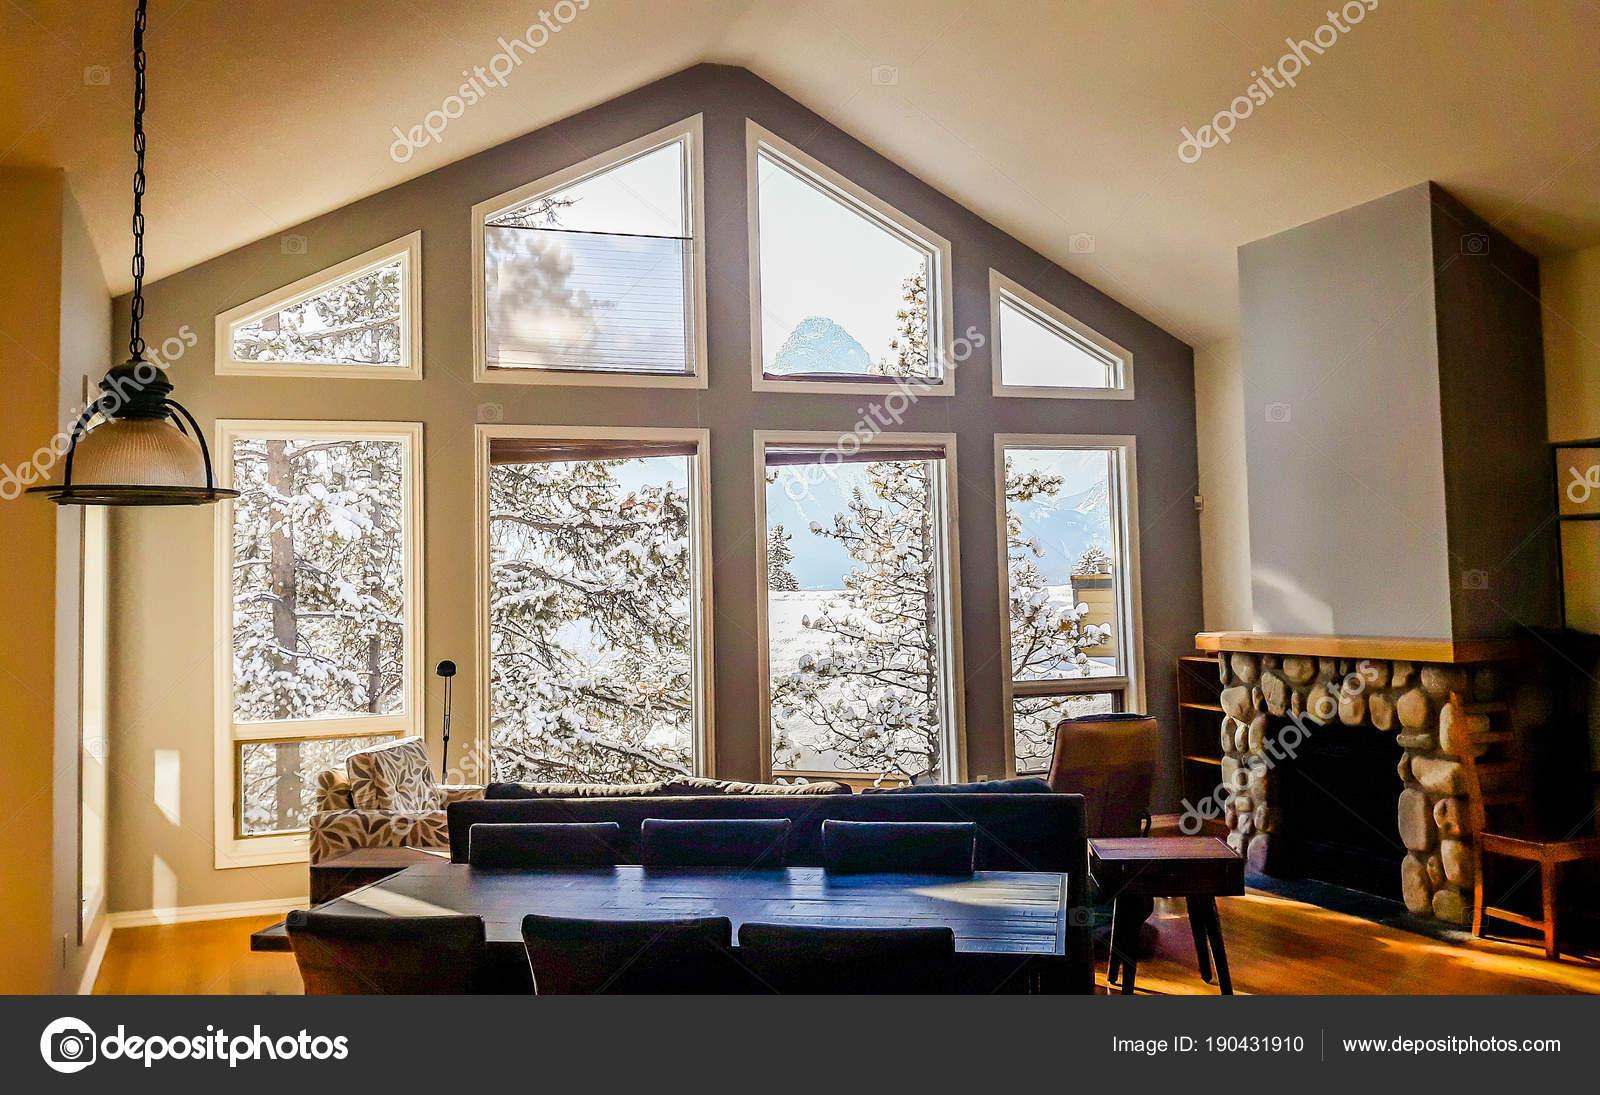 Soggiorno con ampi finestroni tipici stile di montagna in Canada ...